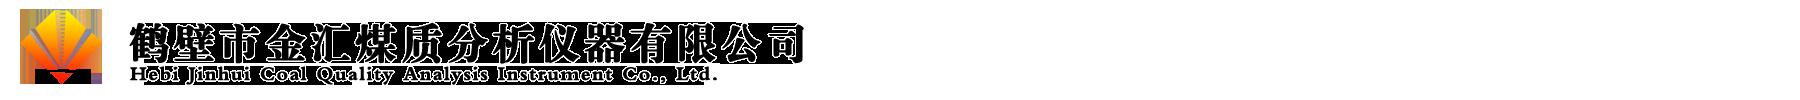 鹤壁市金汇煤质分析仪器有限公司